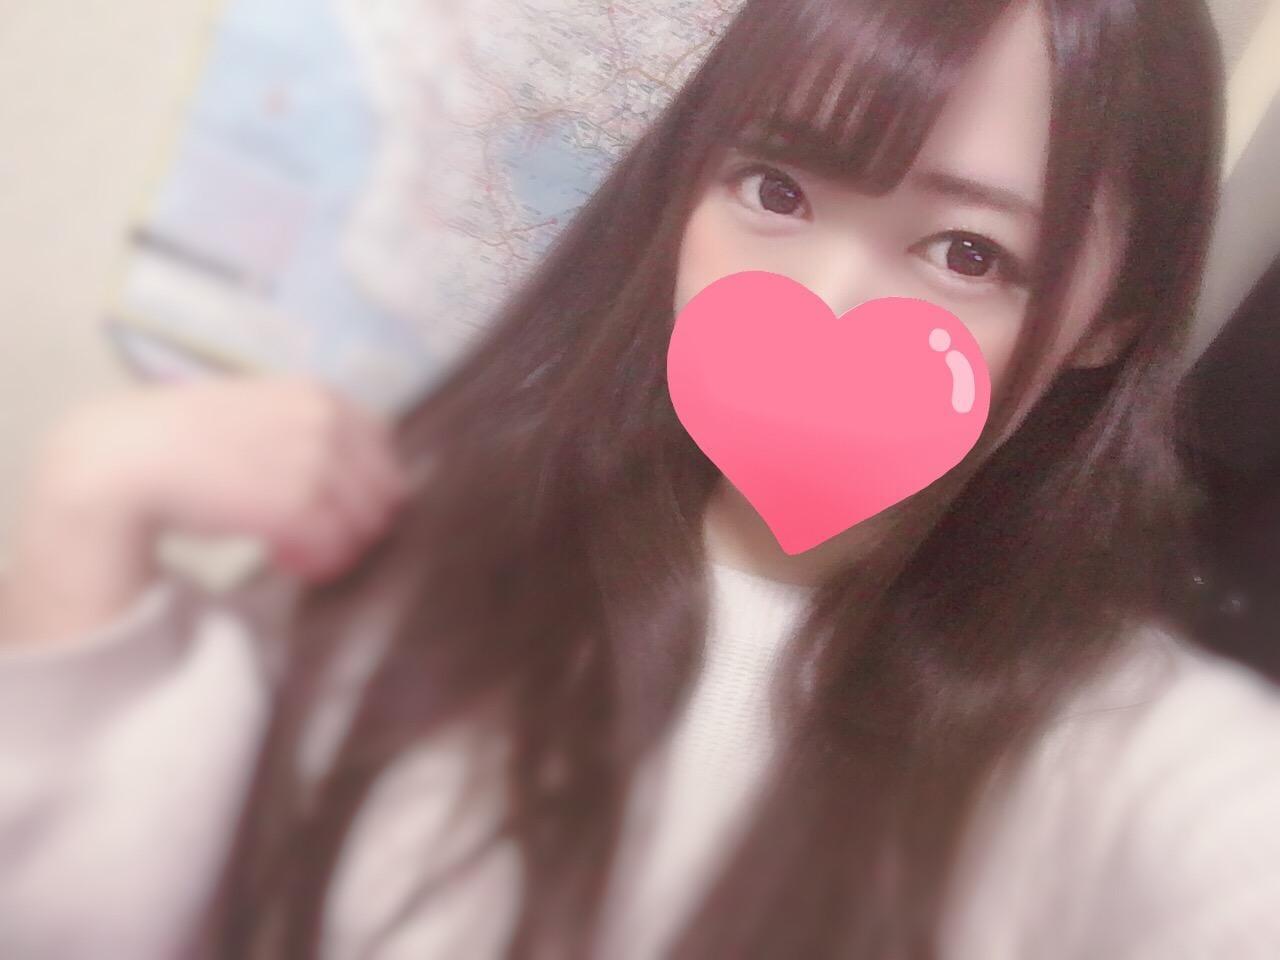 「はじめまして♪」03/27(03/27) 12:50 | そらの写メ・風俗動画